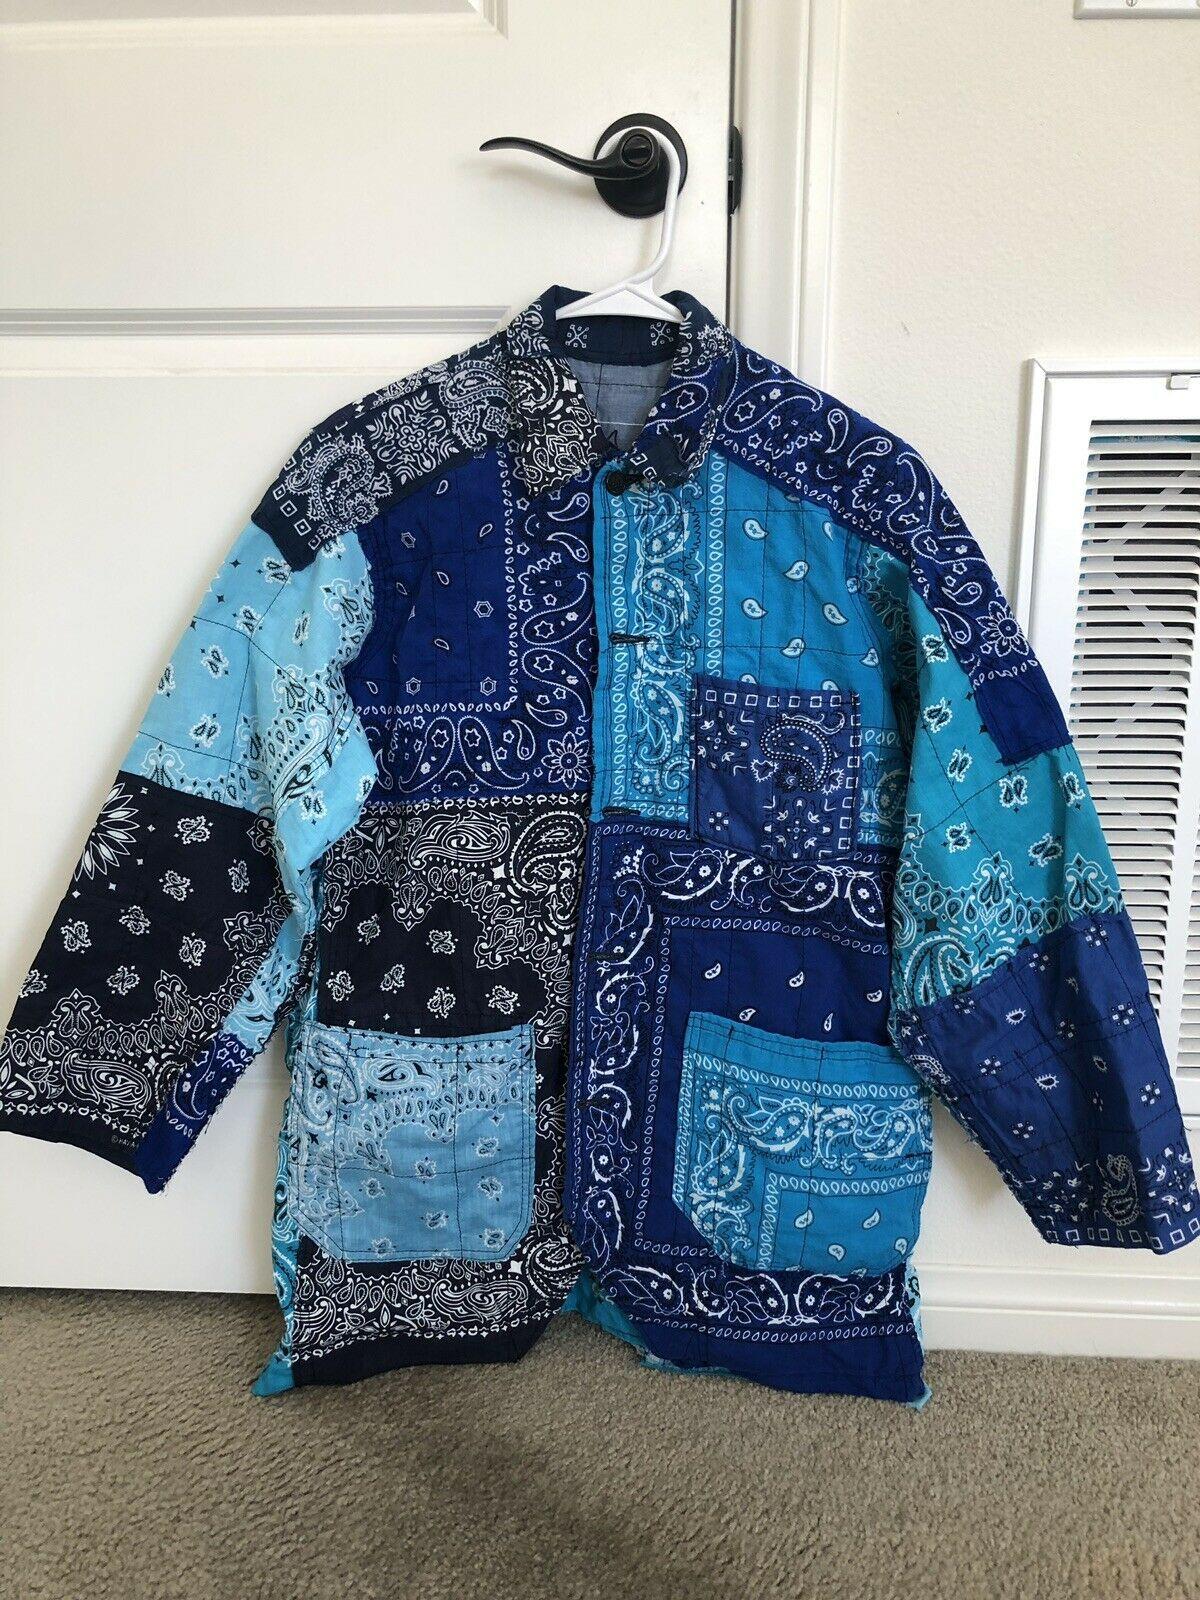 Bandana Patchwork Jacket Bonum Japan Kapital Visvim Kanye Yeezy Sz Large Ebay In 2020 Patchwork Jacket Kanye Yeezy Fashion